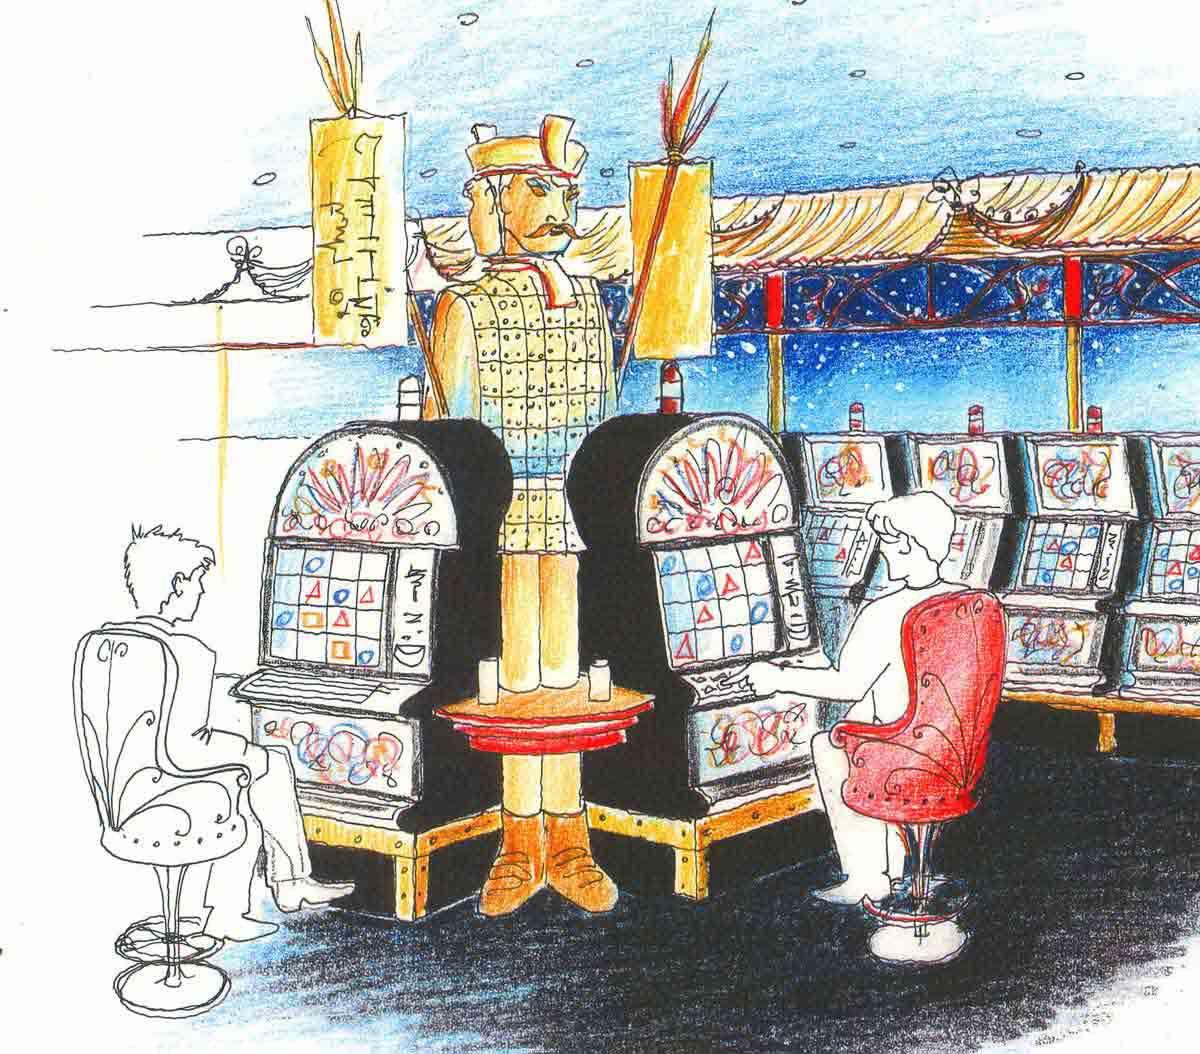 Asien Casino Konzept für Slot Machines mit dem Thema Xanadu in der Interior Design Planung